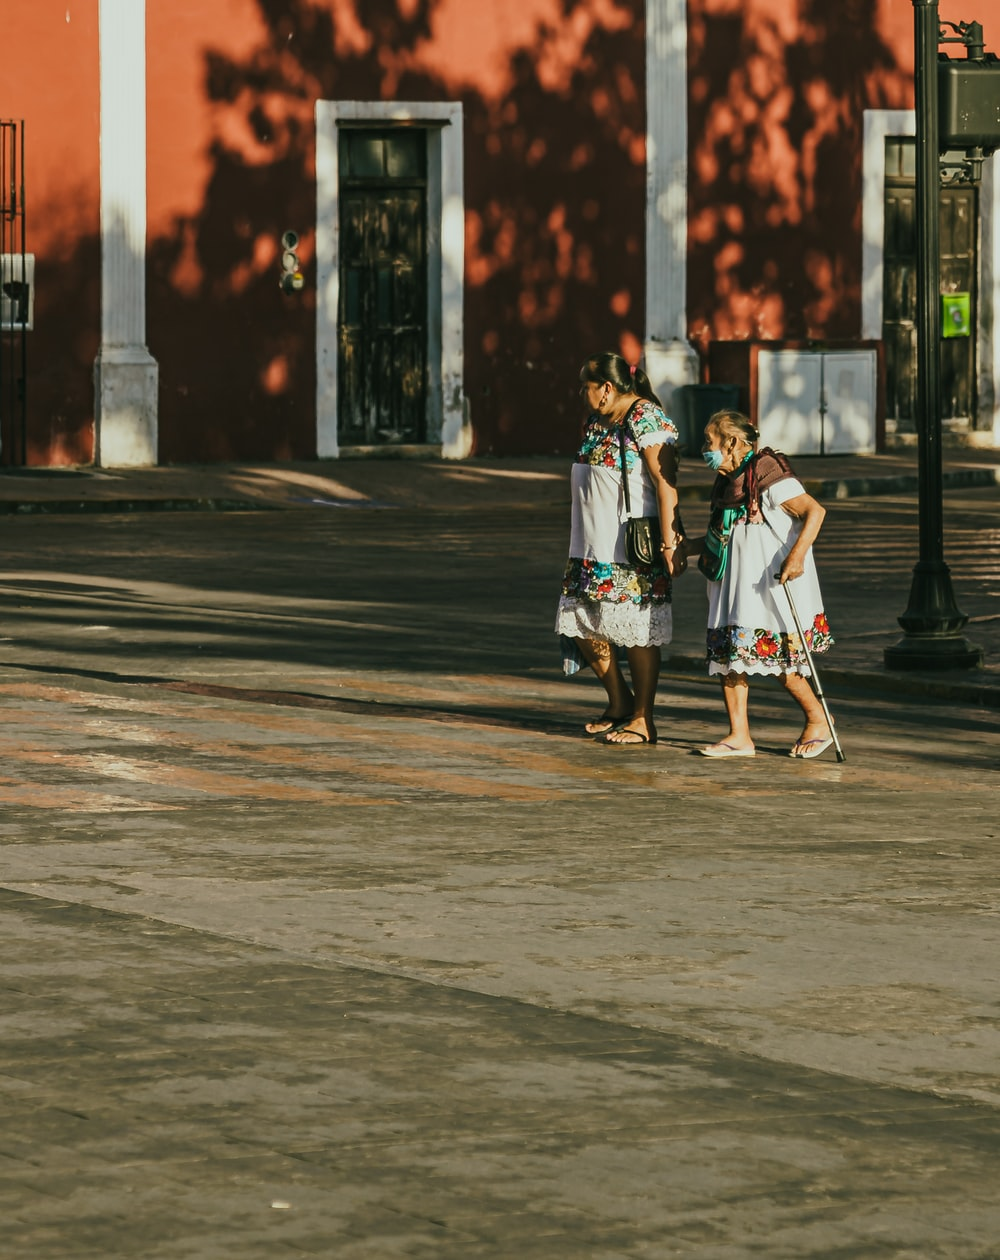 man in white shirt and brown shorts walking on sidewalk during daytime